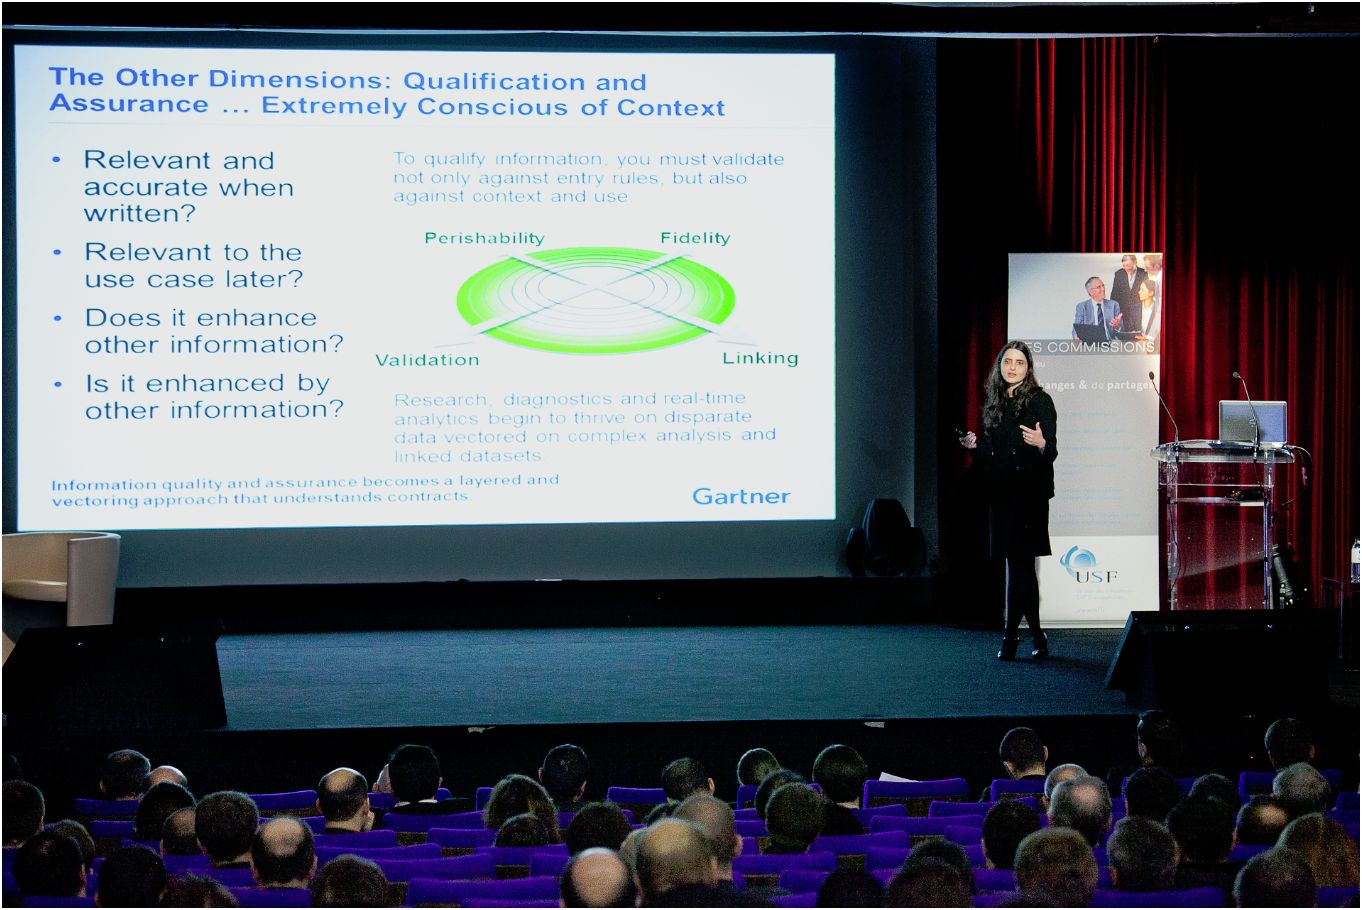 Roxane Edjlali, directeur de recherche chez Gartner, intervenant sur les Big Data